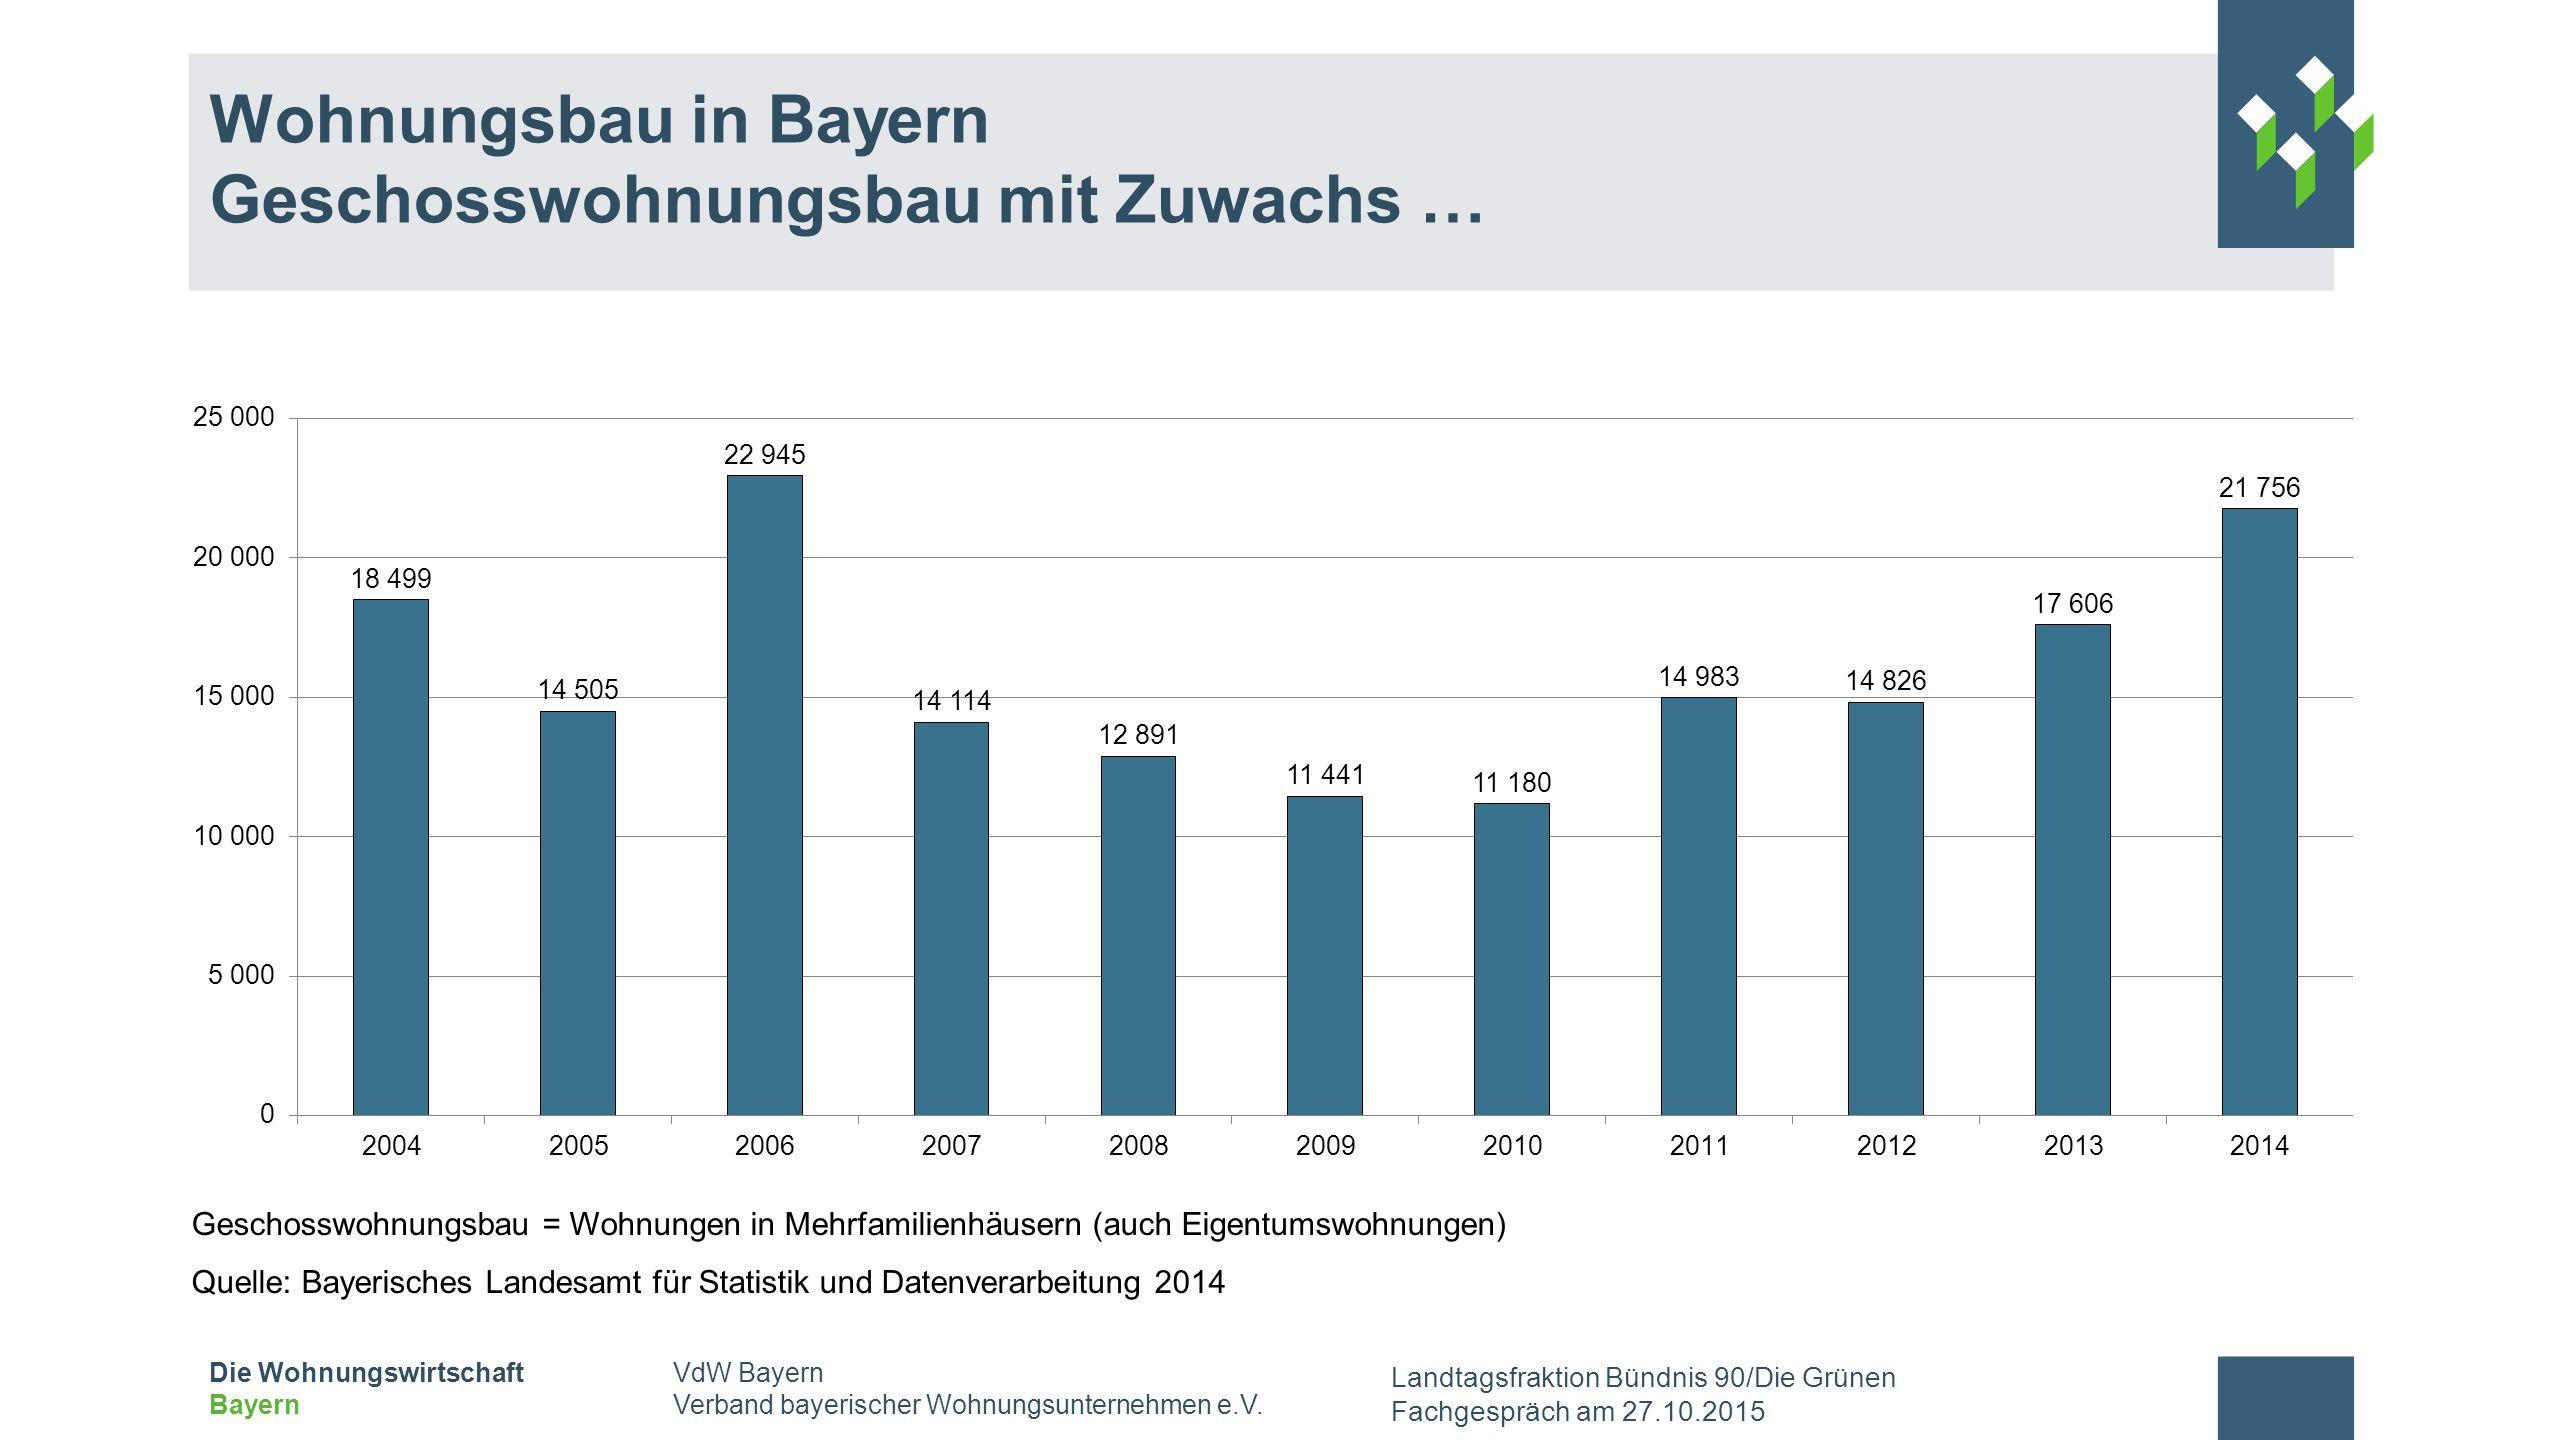 Wohnungsbau in Bayern Geschosswohnungsbau mit Zuwachs …